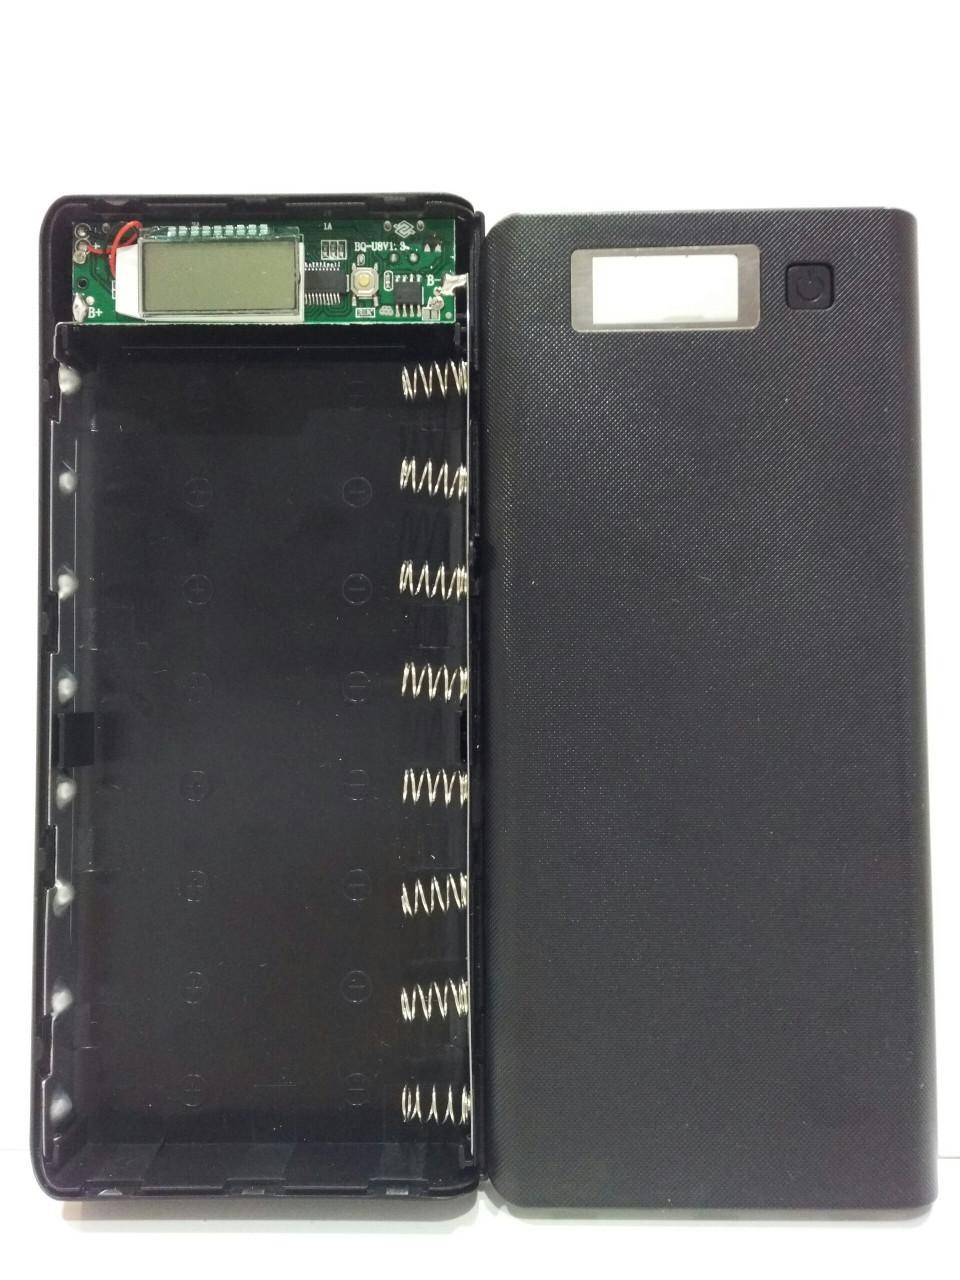 Khung 8 pin sạc dự phòng có LCD (Đen)